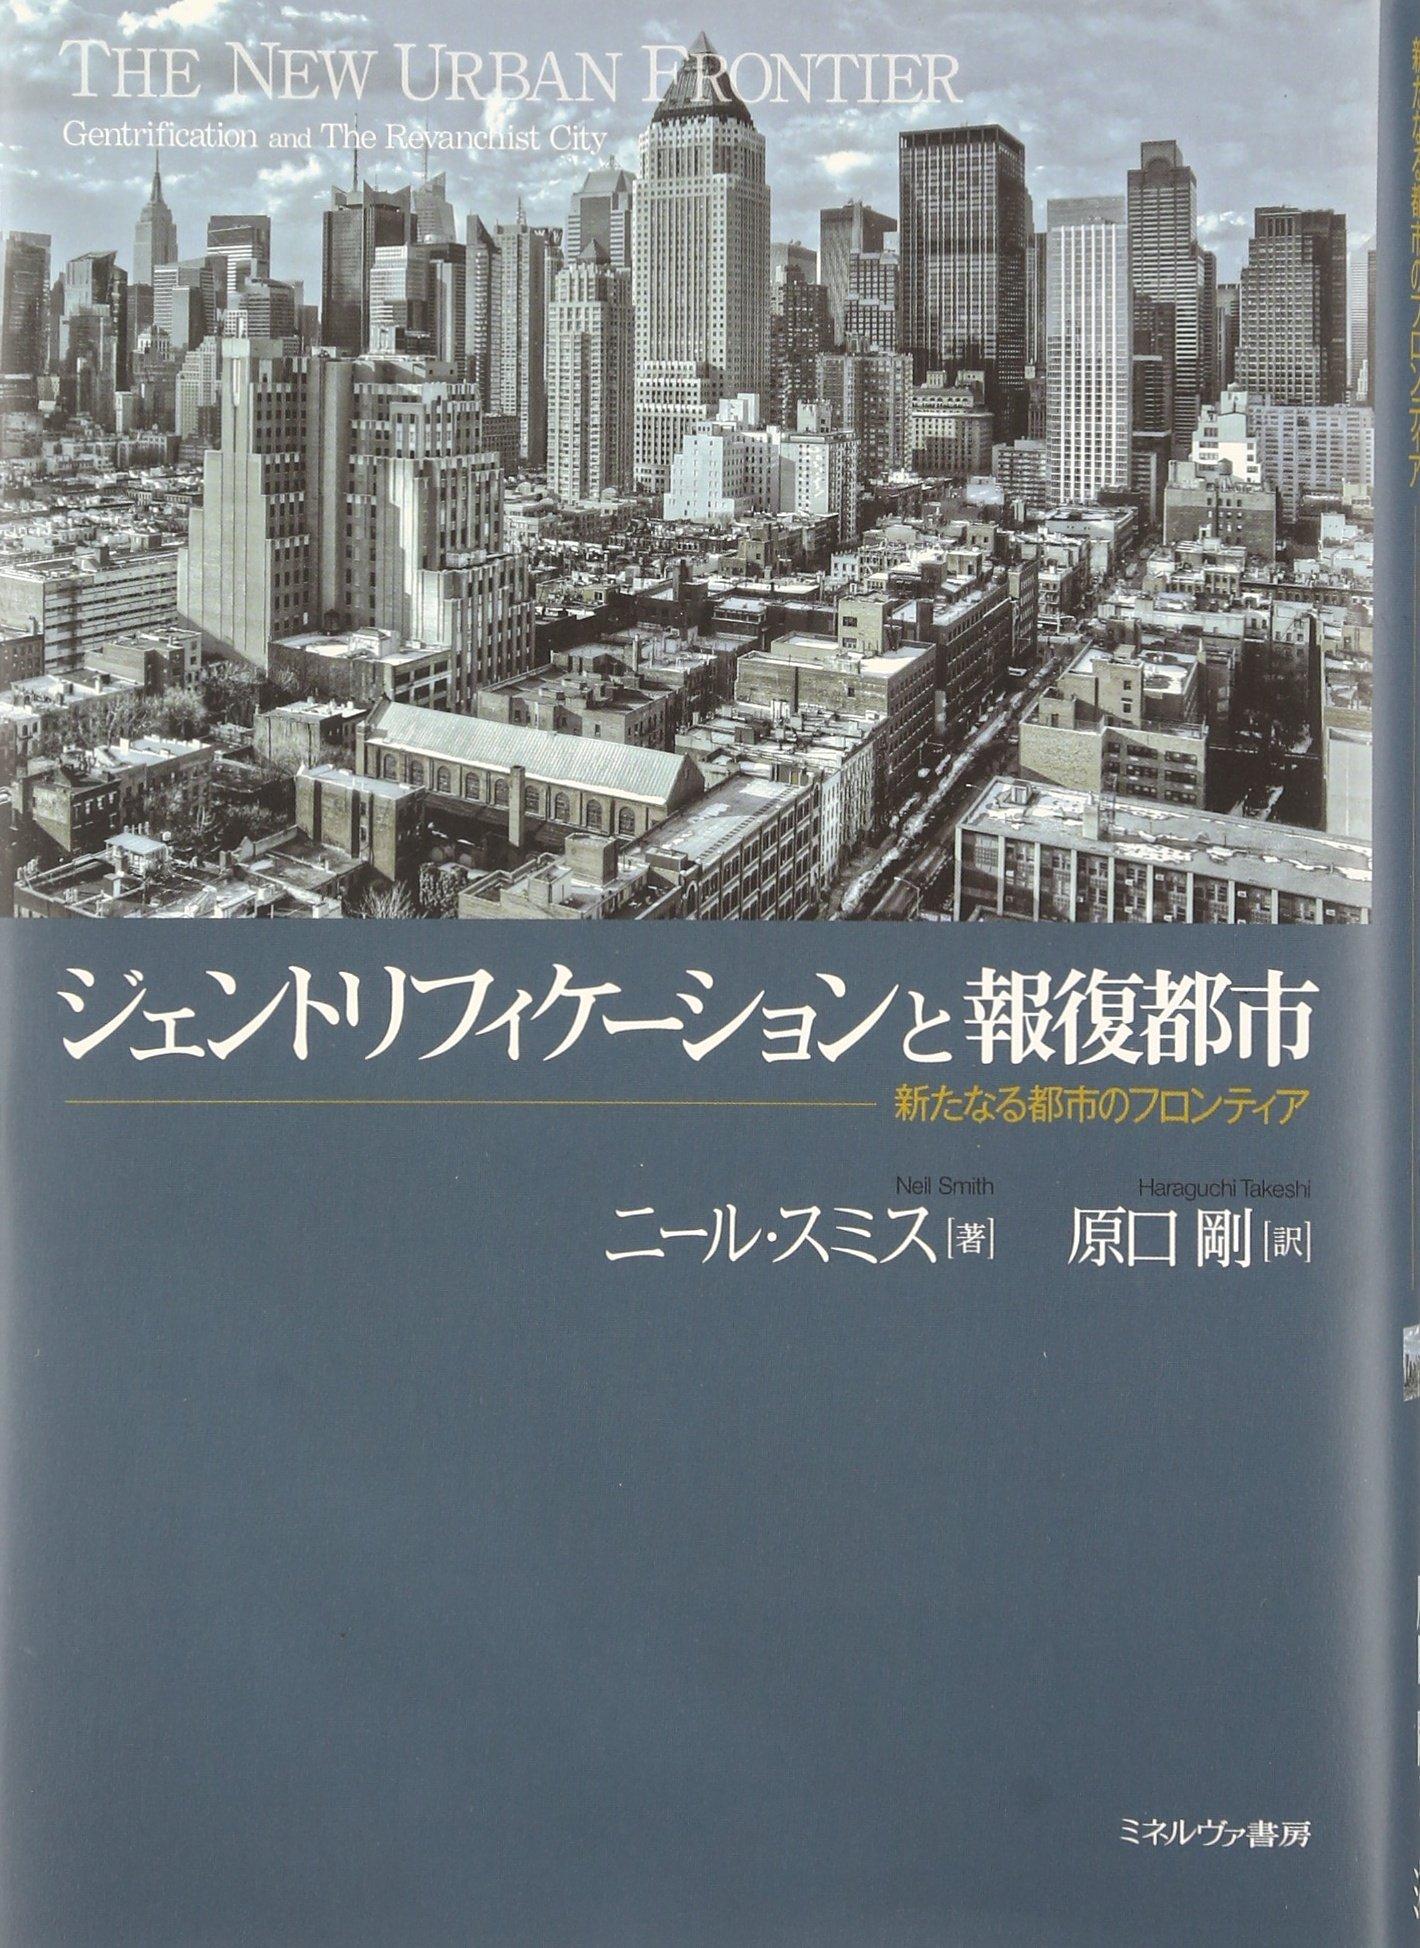 ジェントリフィケーションと報復都市 新たなる都市のフロンティア